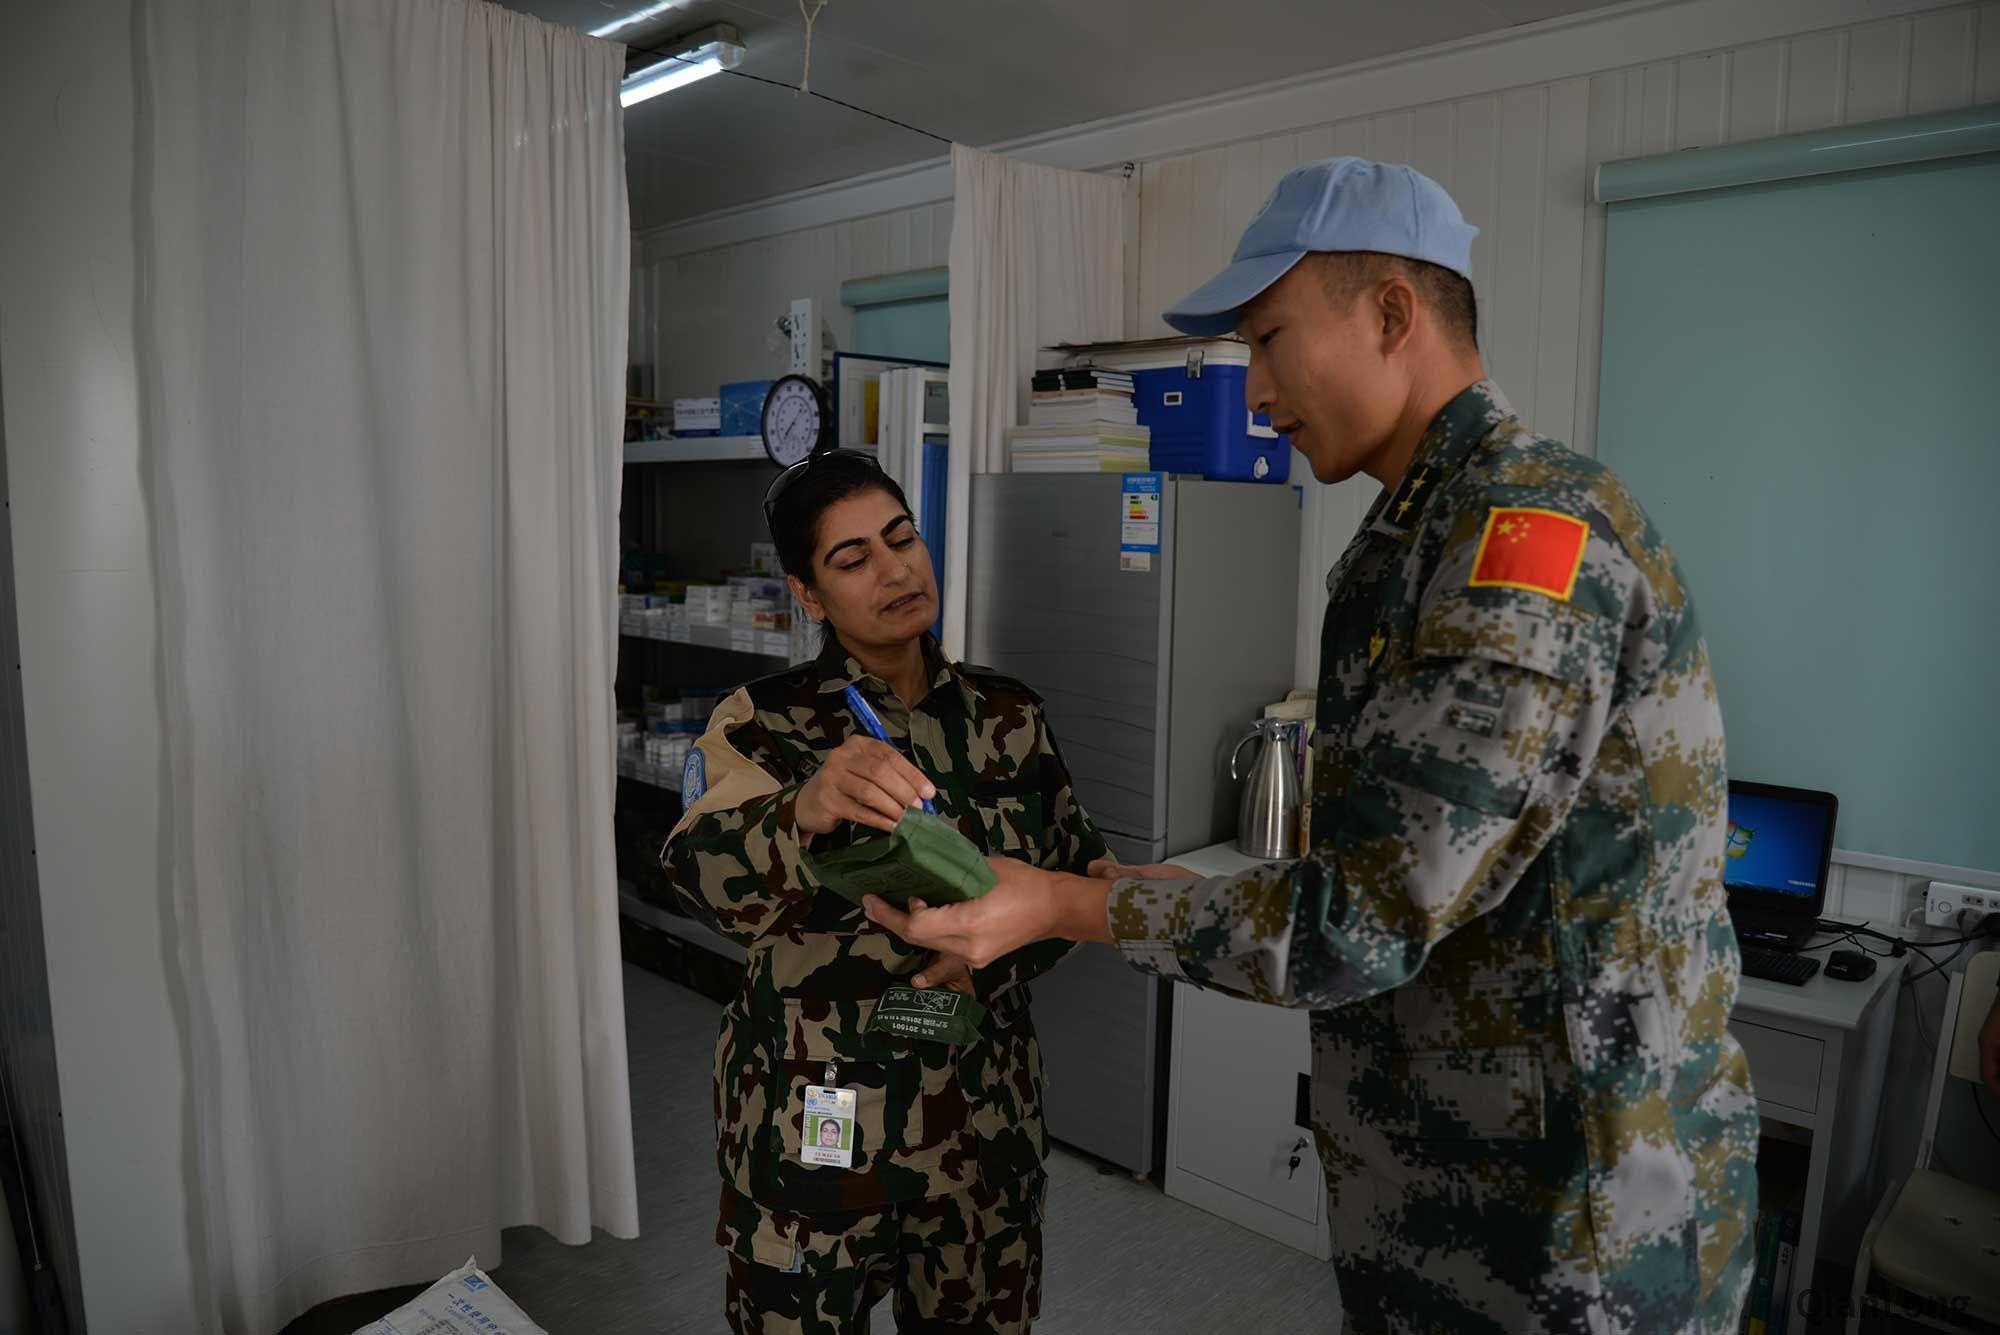 维和直升机分队通过联合国装备核查 保养硬功为其他分队树立榜样